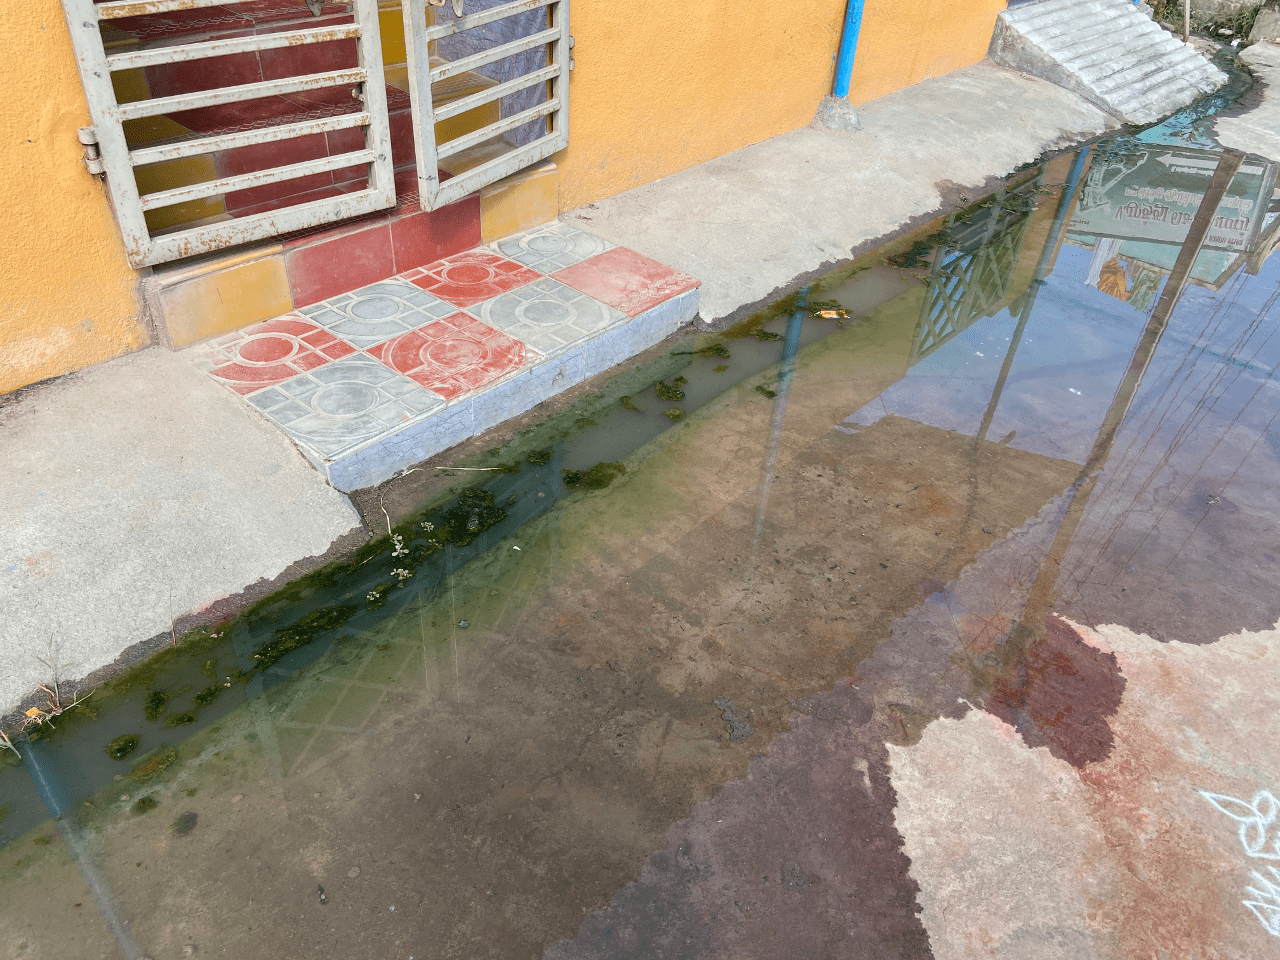 sannathi-street-drainage-overflow